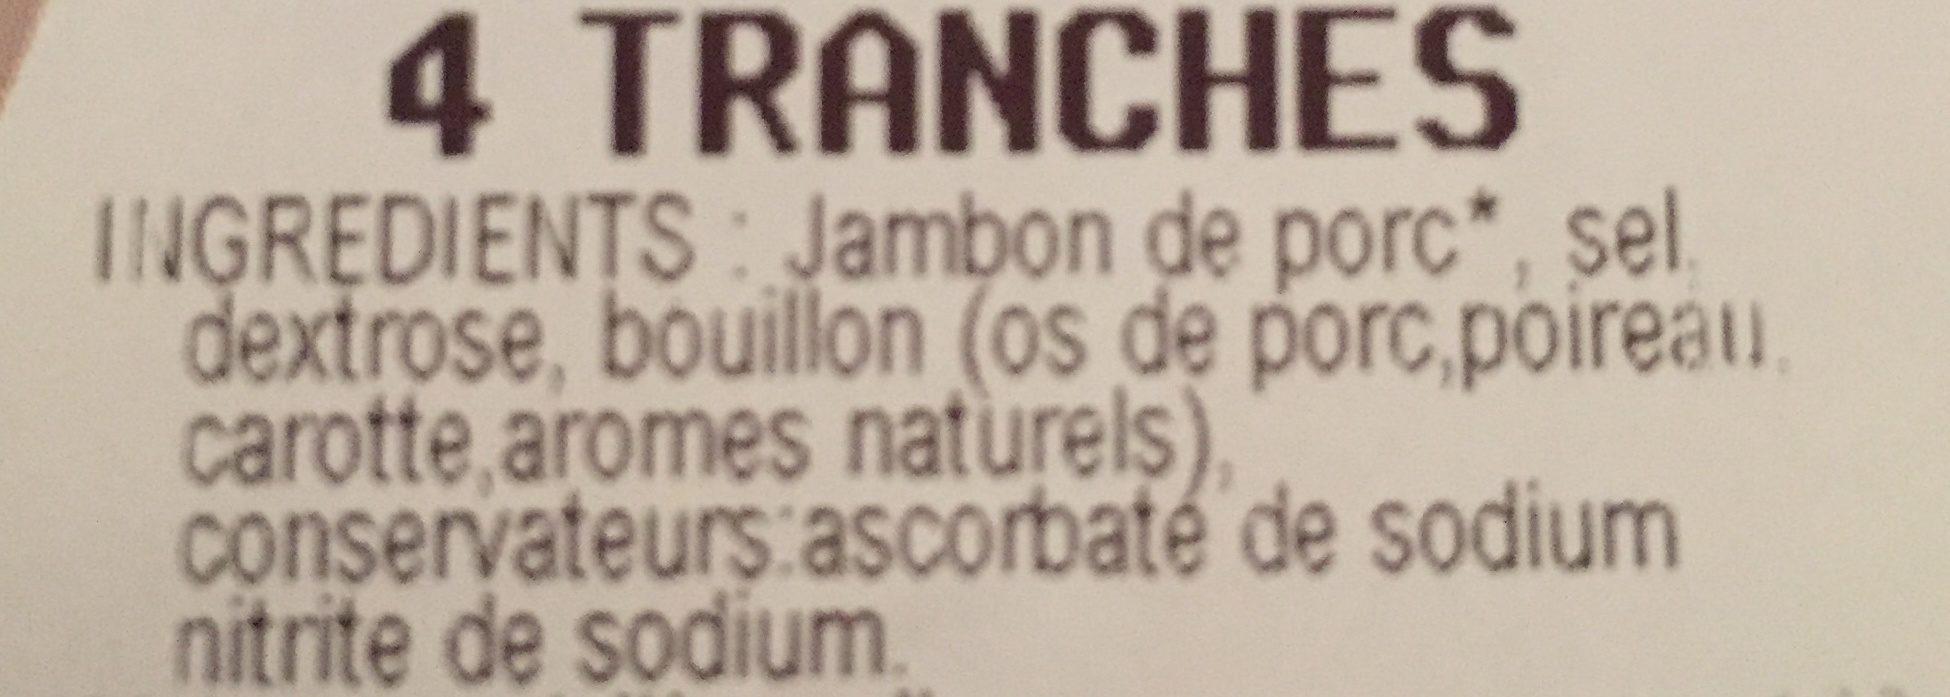 Le torchonay - Ingrédients - fr